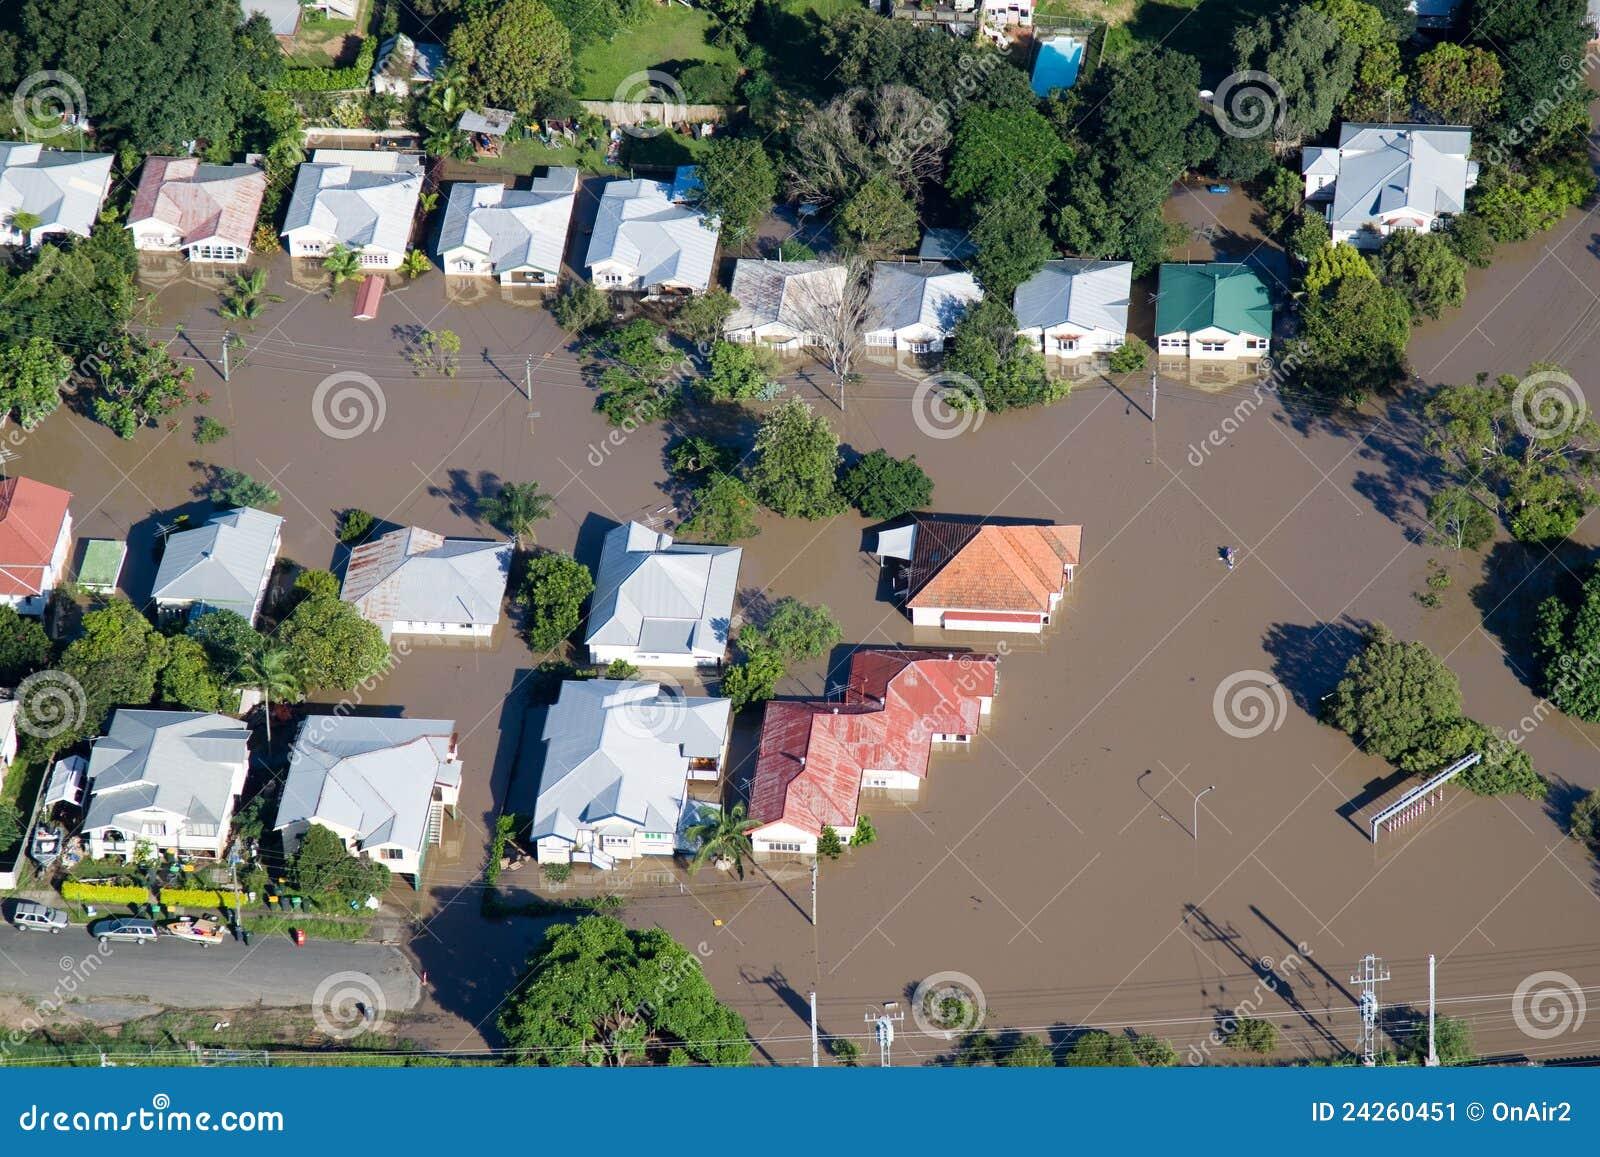 Watch disaster date online in Brisbane